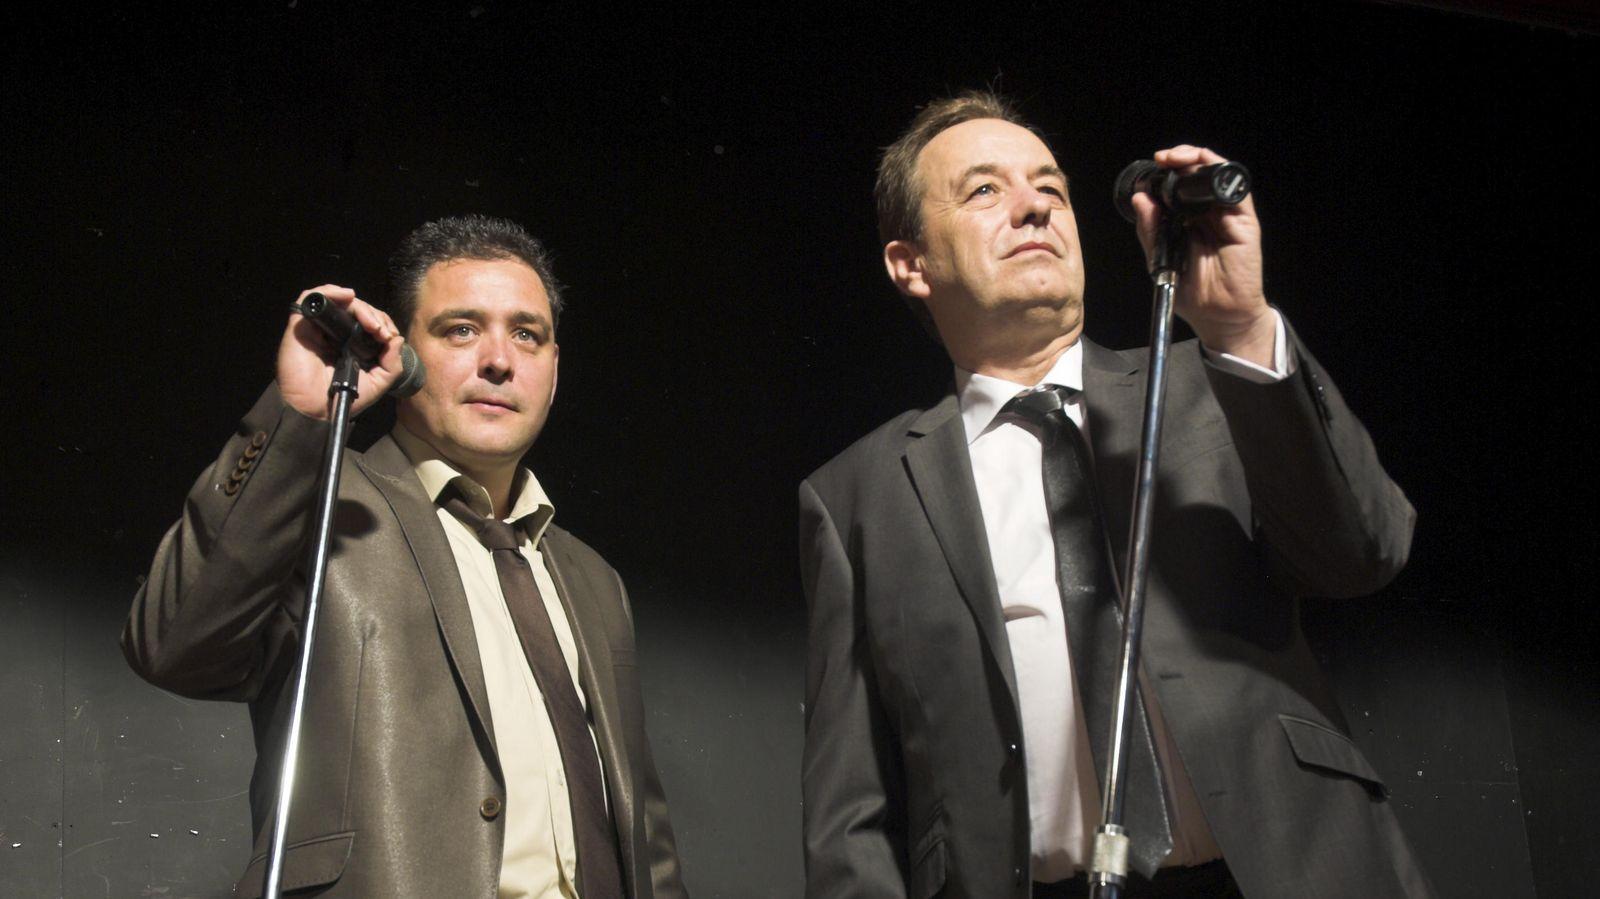 Foto: No, no son tus cuñados arrancándose por Sinatra en un karaoke. Tampoco son dos humoristas del Fringe. Es, simplemente, una foto de un banco de imágenes. (iStock)